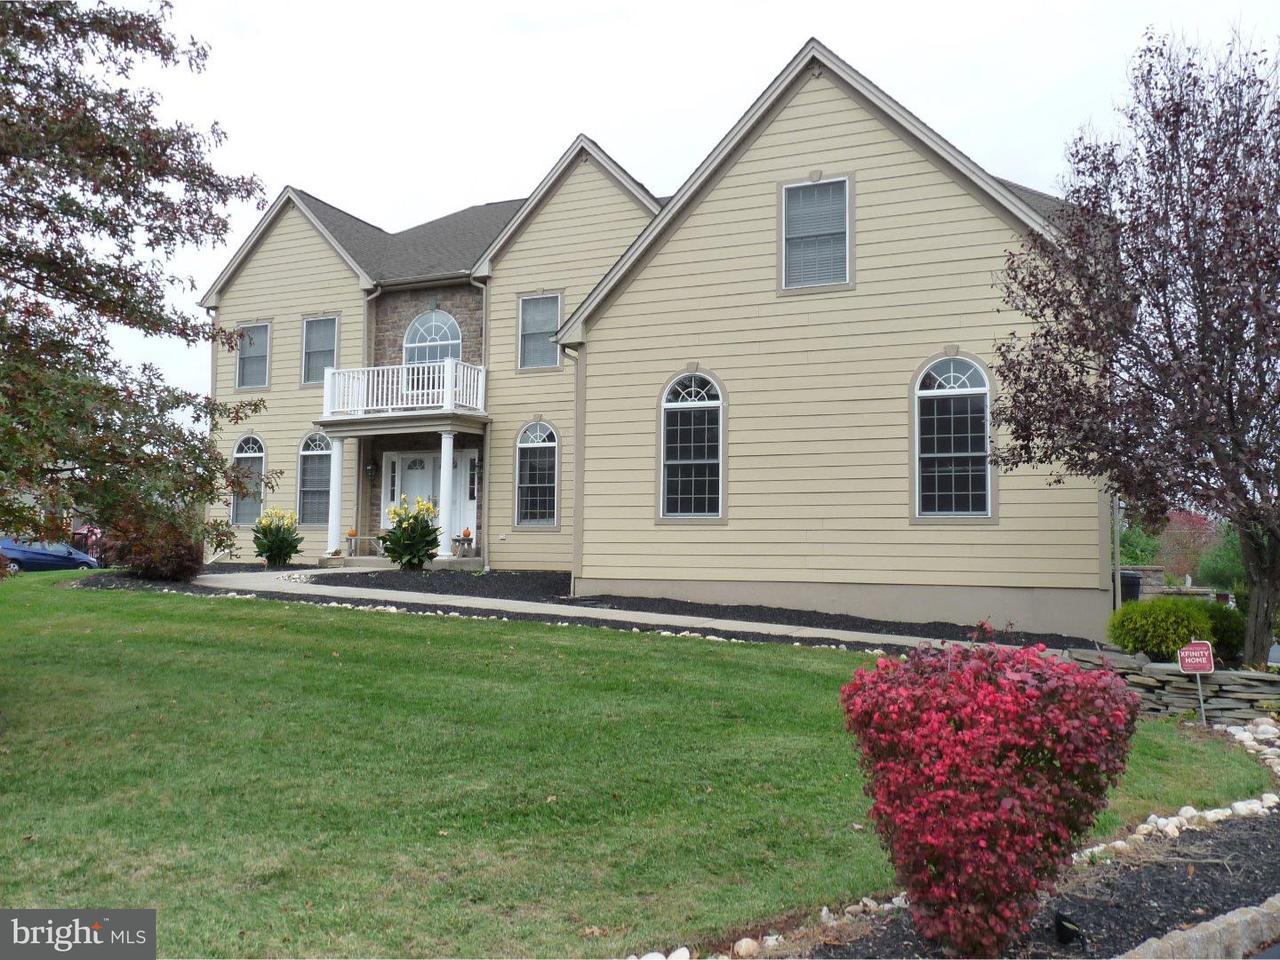 Частный односемейный дом для того Аренда на 1401 HAMPSTEAD Court Blue Bell, Пенсильвания 19422 Соединенные Штаты